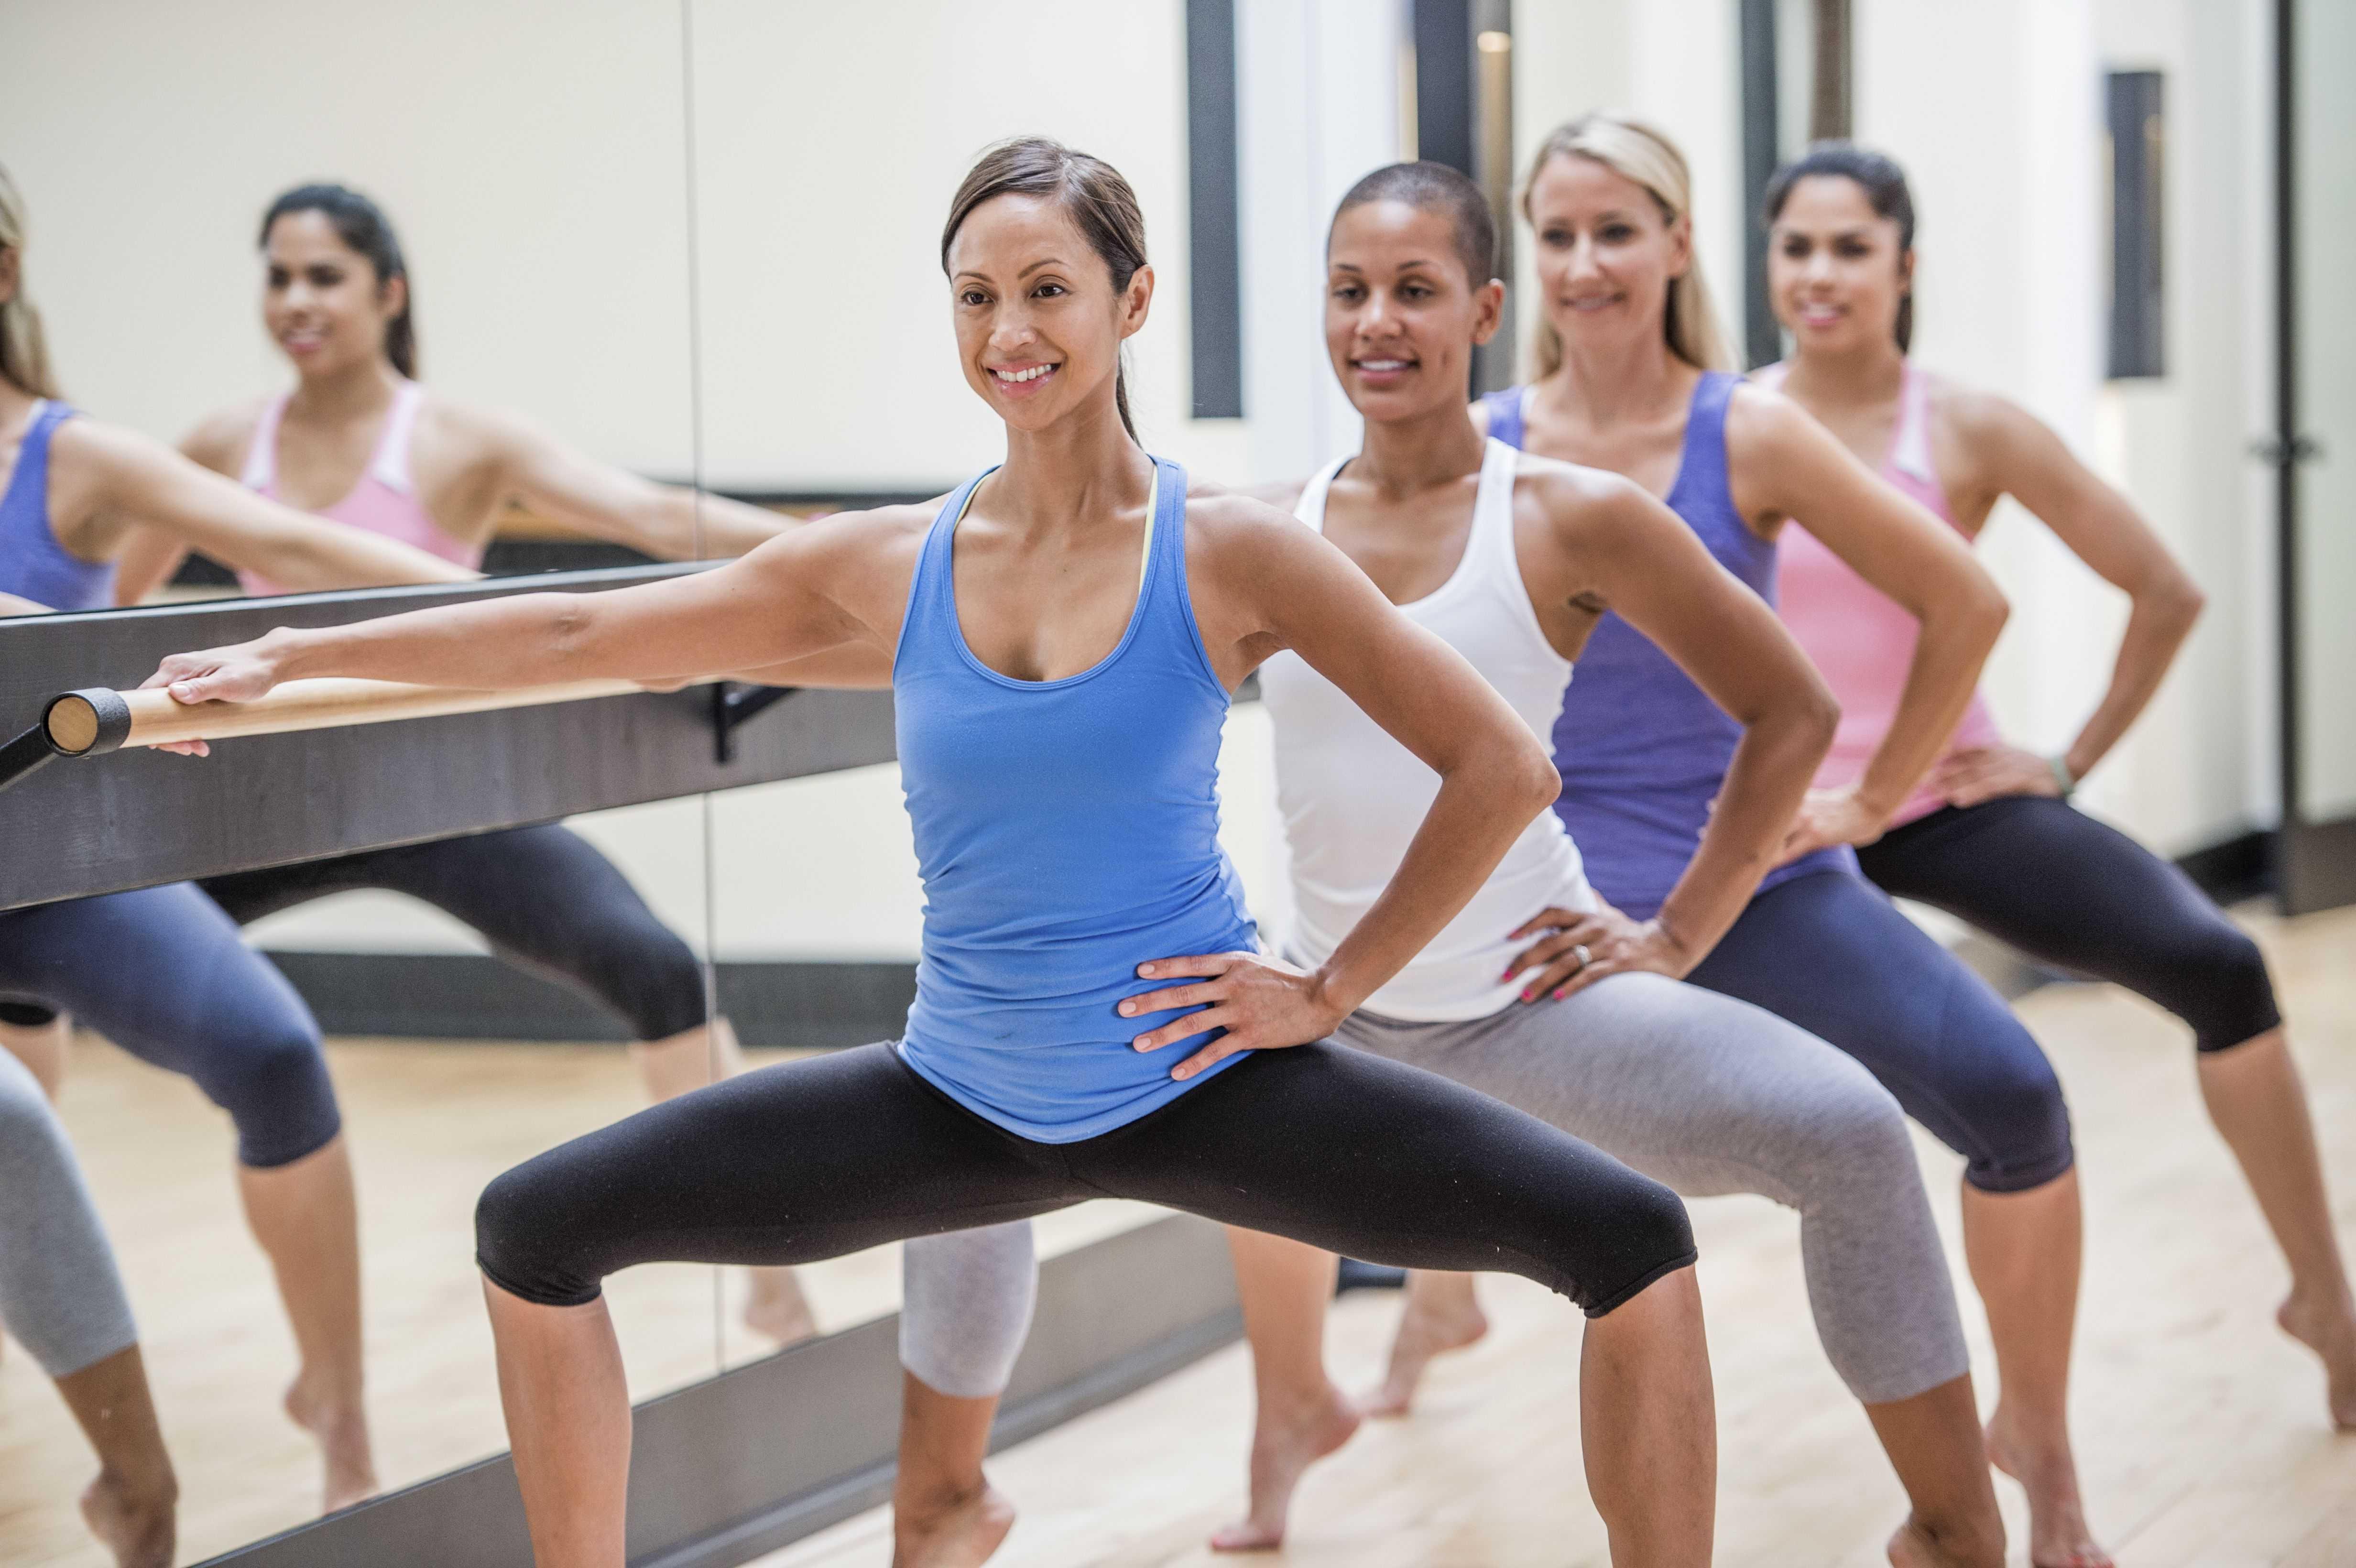 Предлагаем вам ознакомиться с фитнес-планом балетных тренировок для начального, среднего и продвинутого уровня Вы можете следовать уже готовому плану занятий